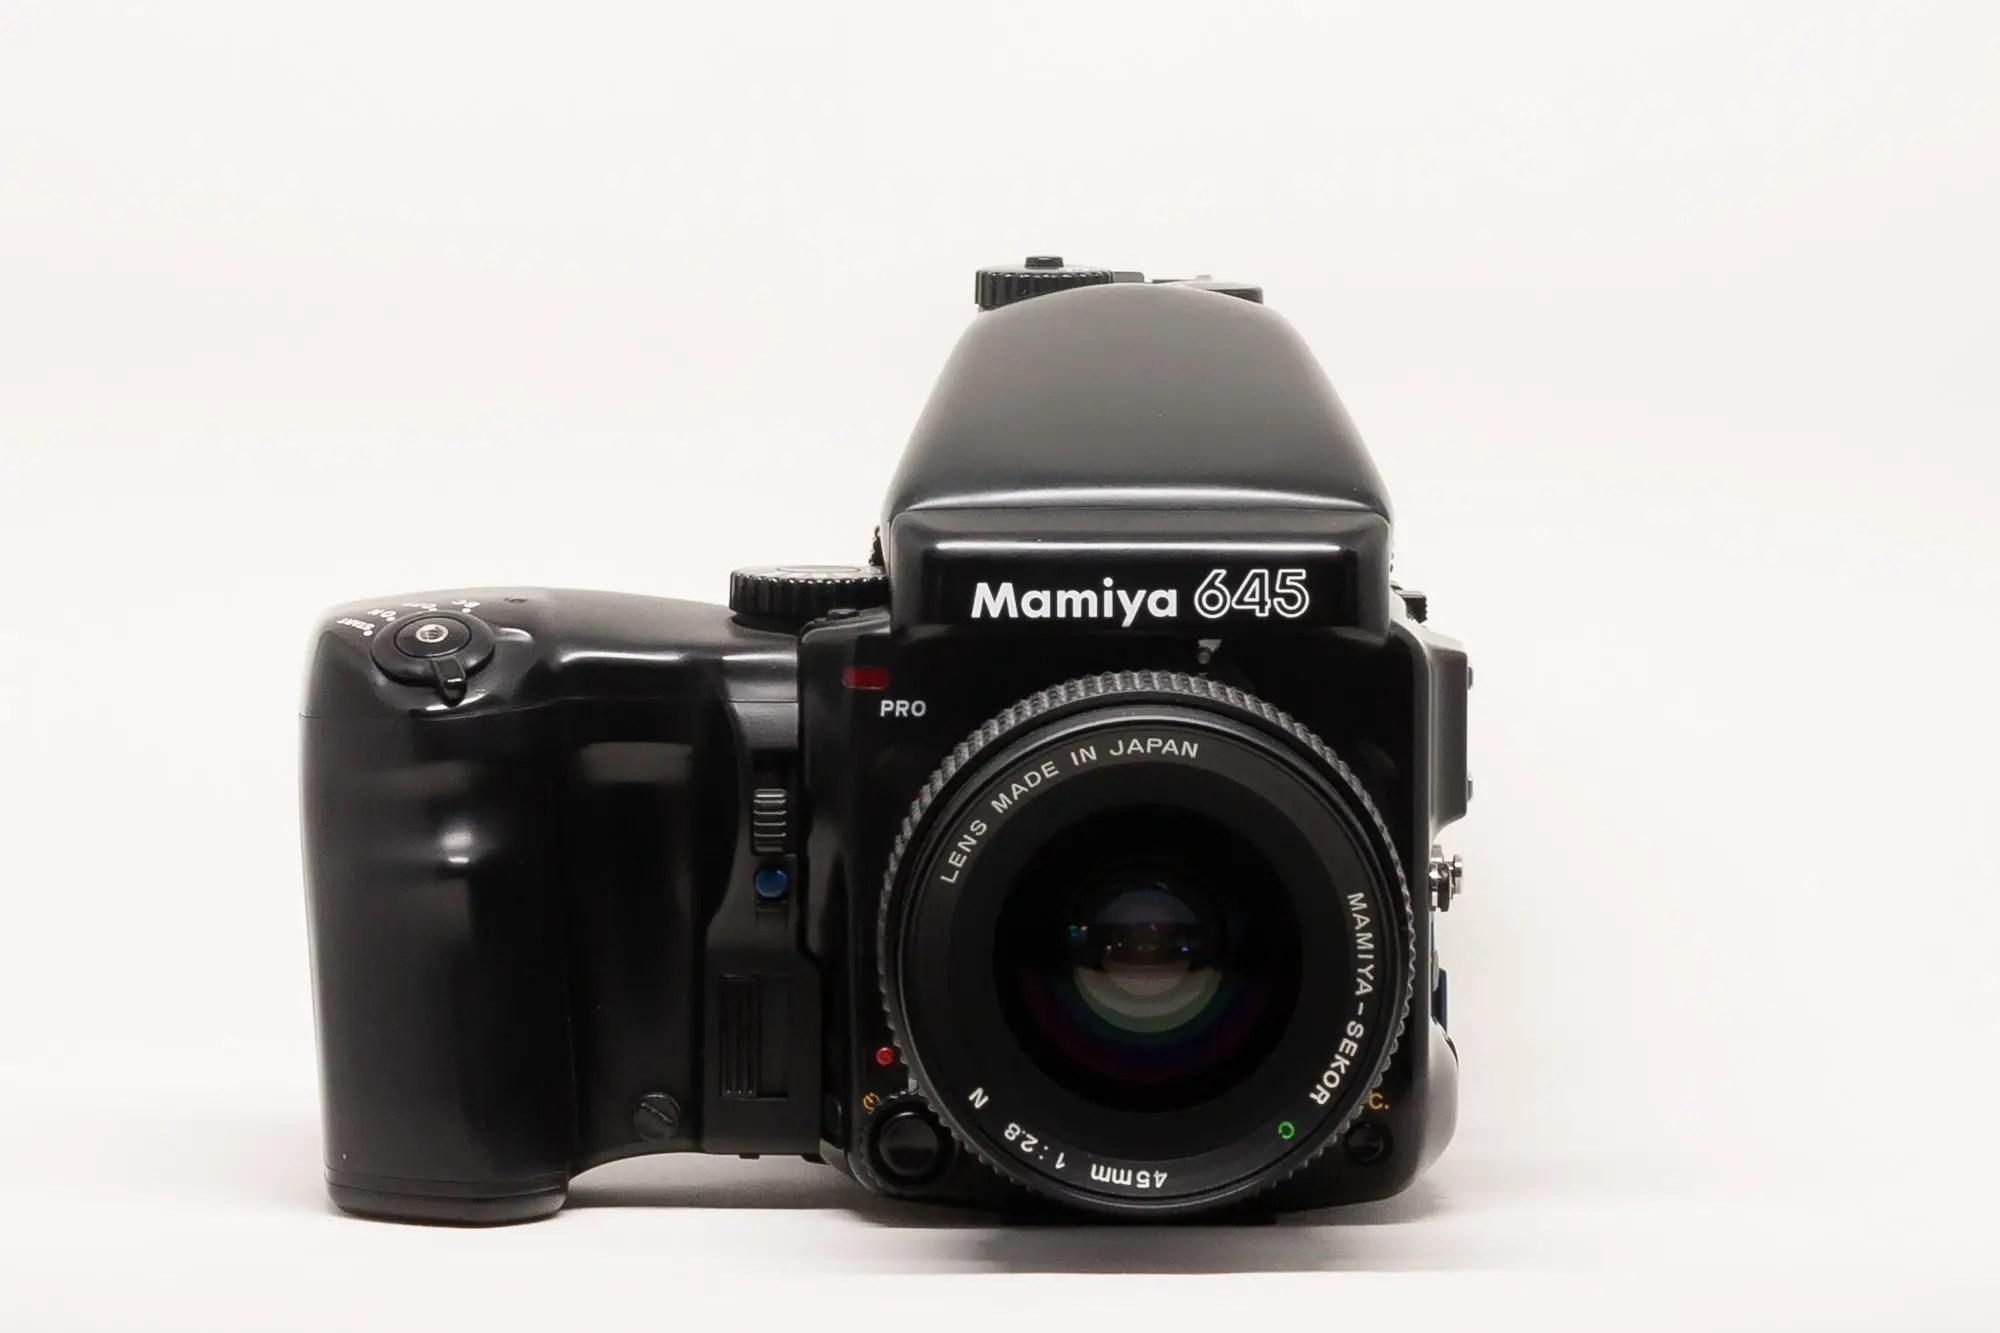 Camera Review: Mamiya 645 Pro, plastic fantastic? - Kikie